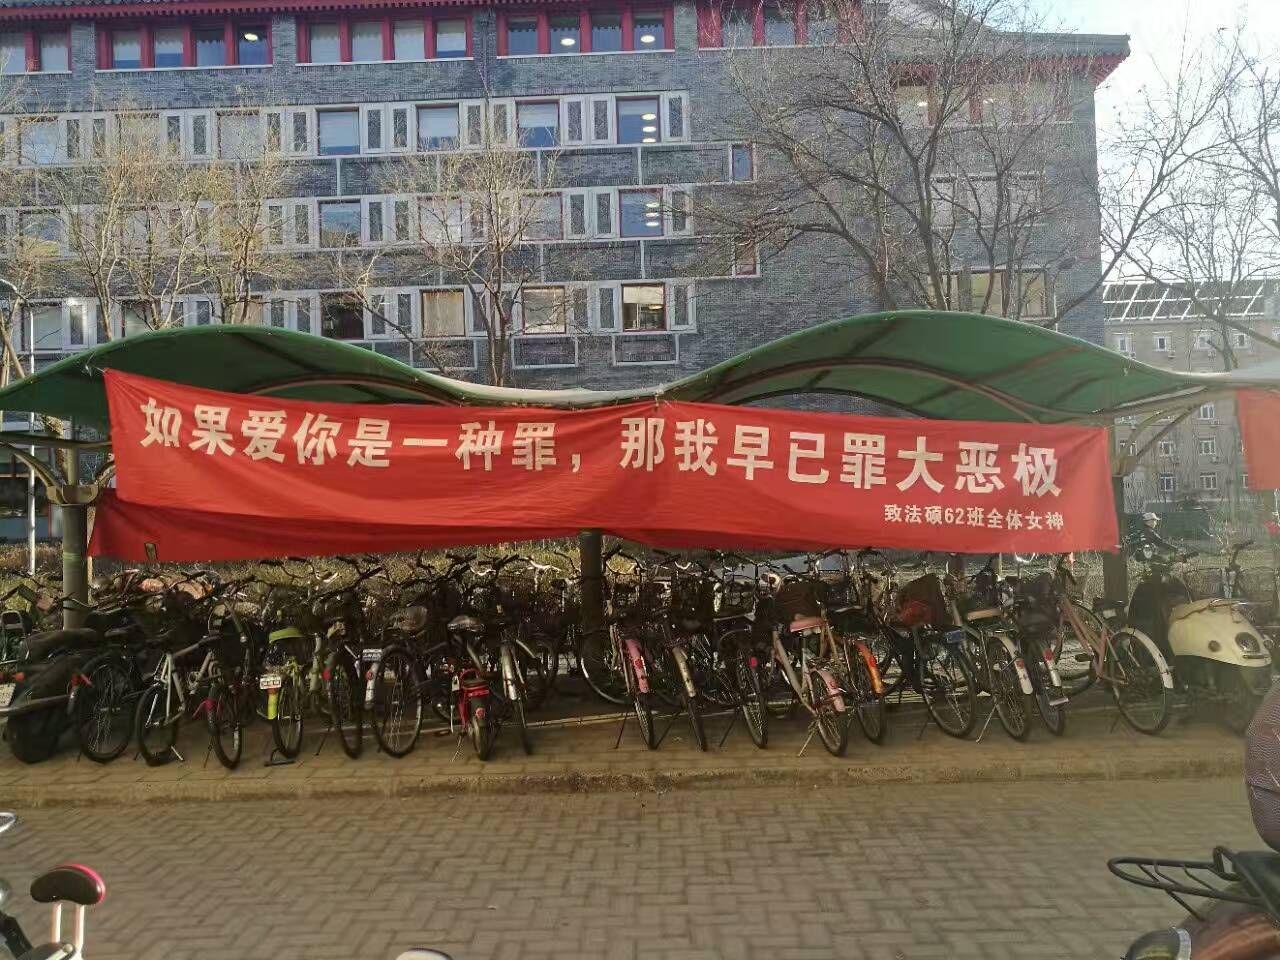 清华大学女生节,标语们的女生亮了:被尔深度套男生分头中图片